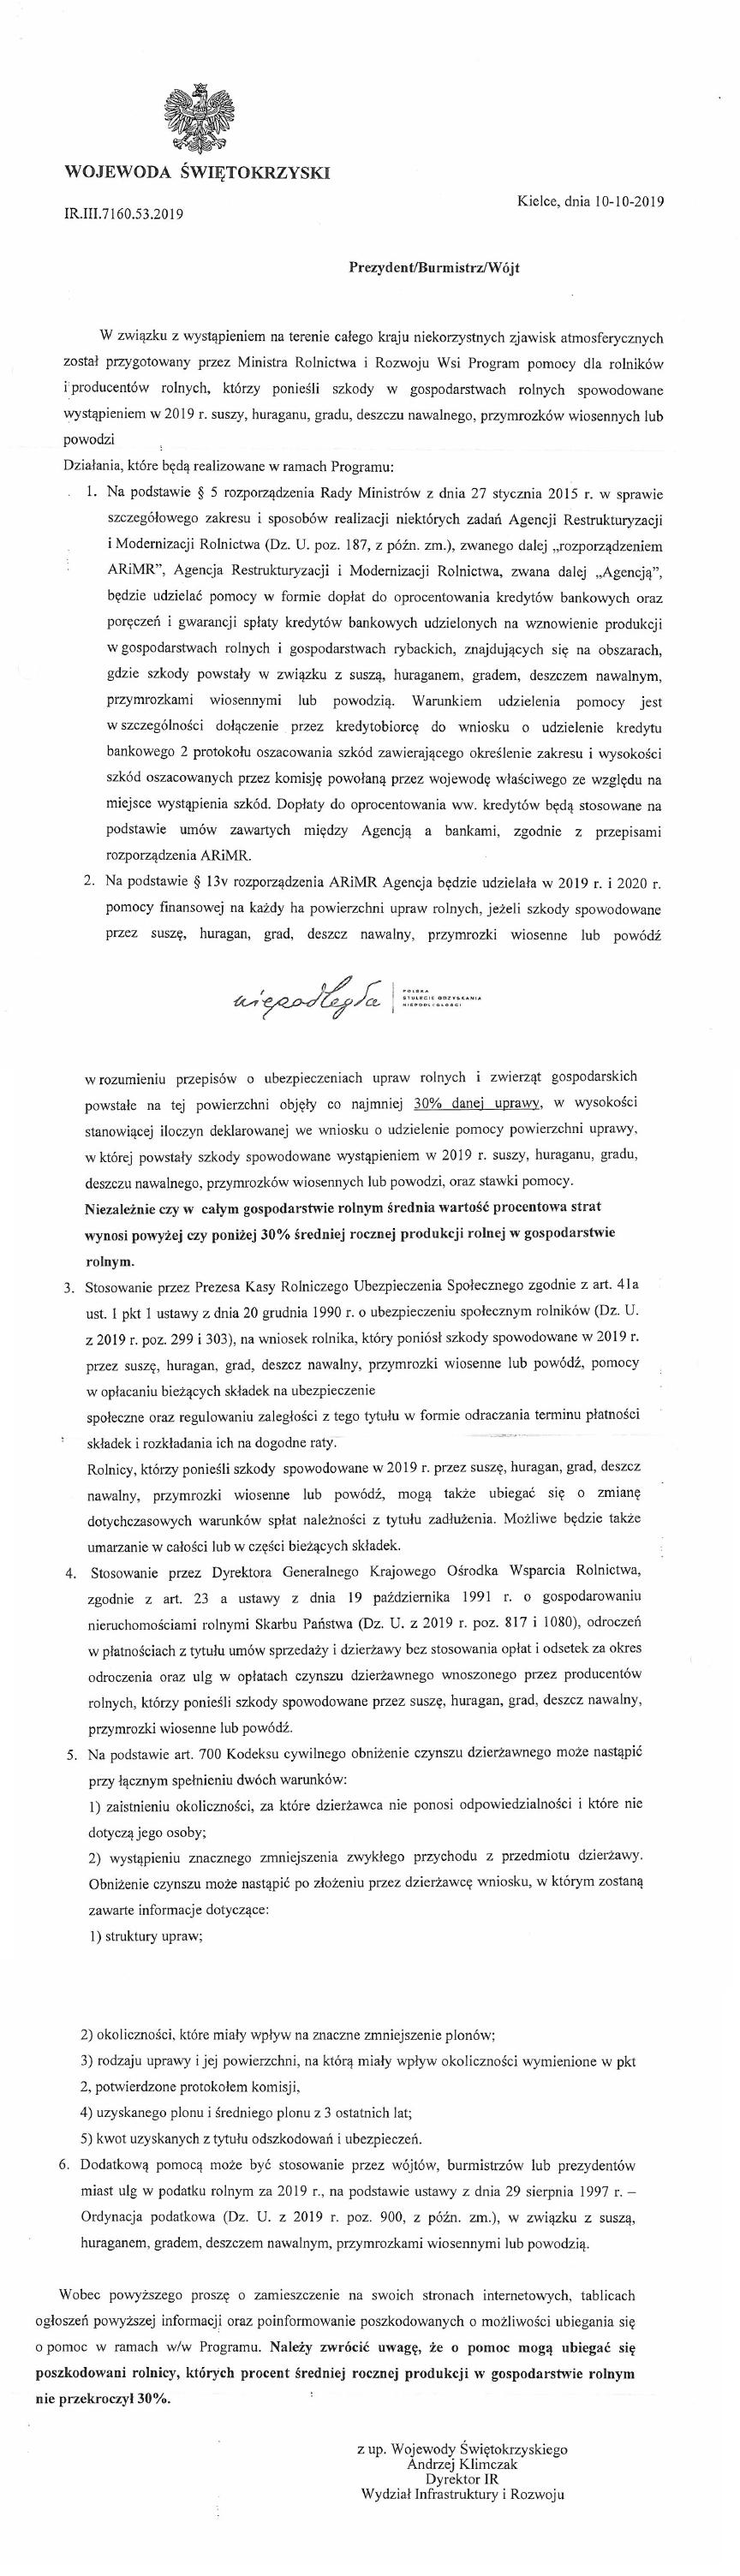 informacja_dla_rolnikow.png